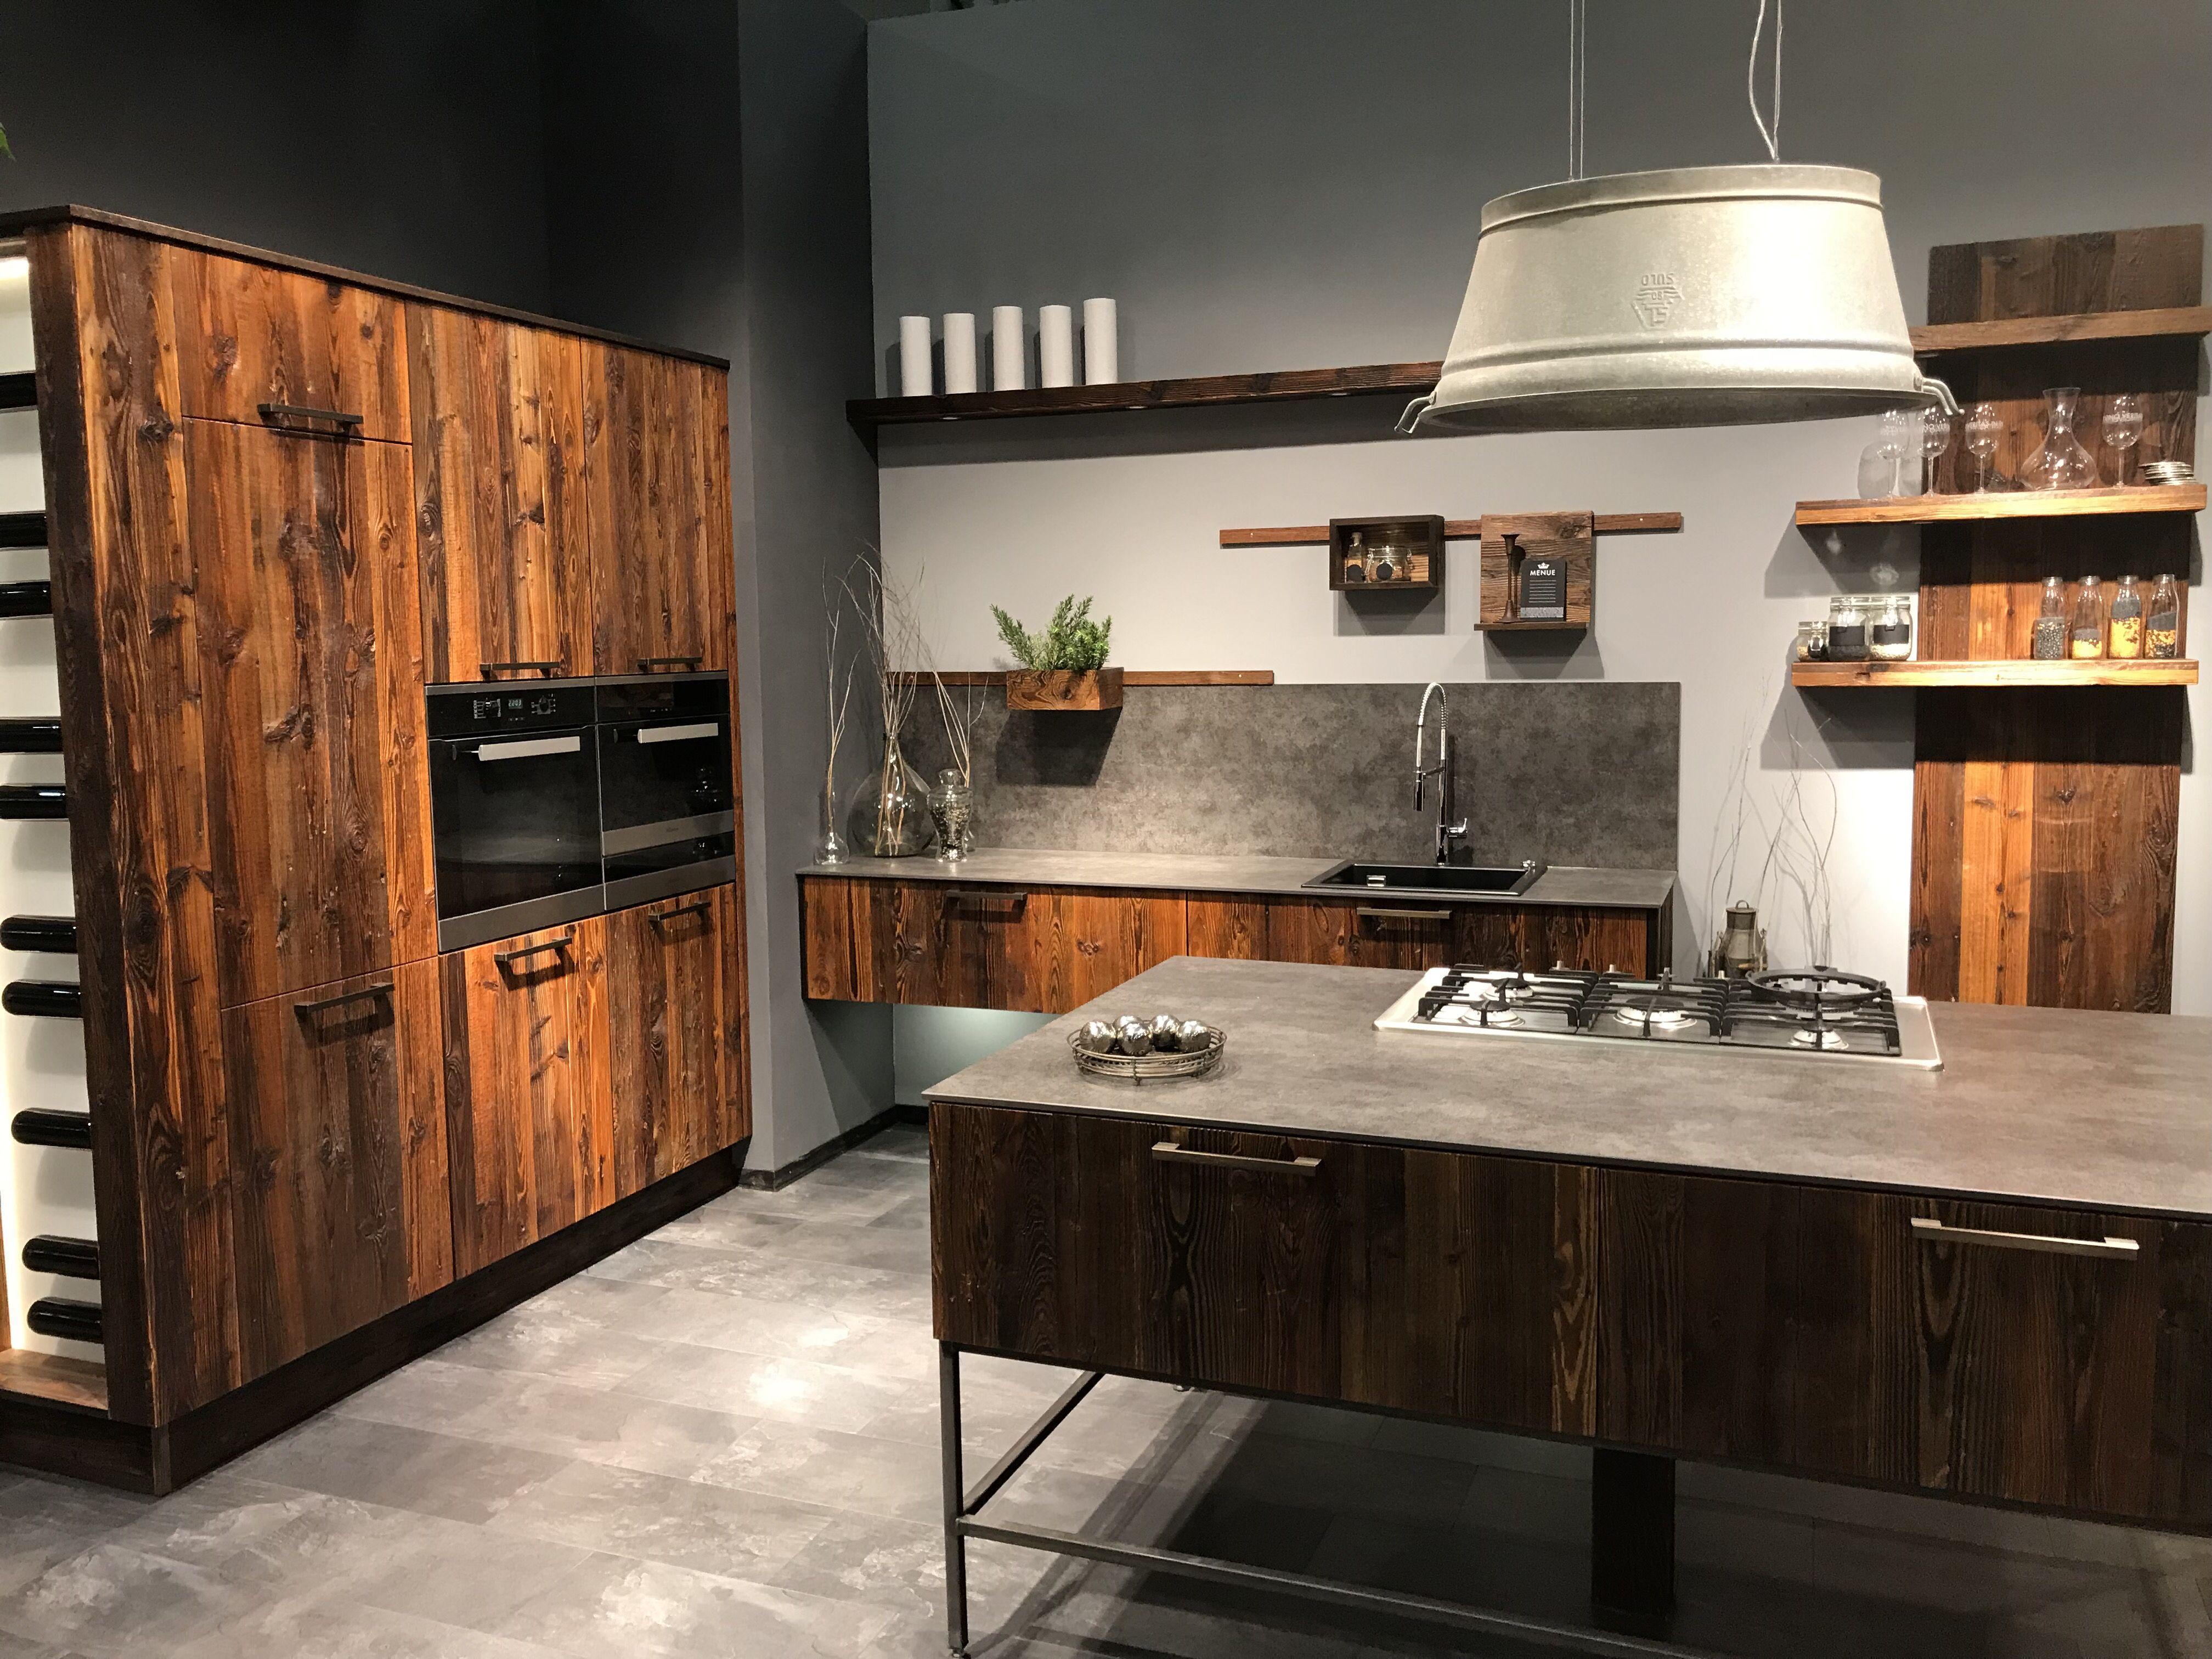 Pin von OSTER KÜCHE auf Livingkitchen 17  Küchen design, Oster